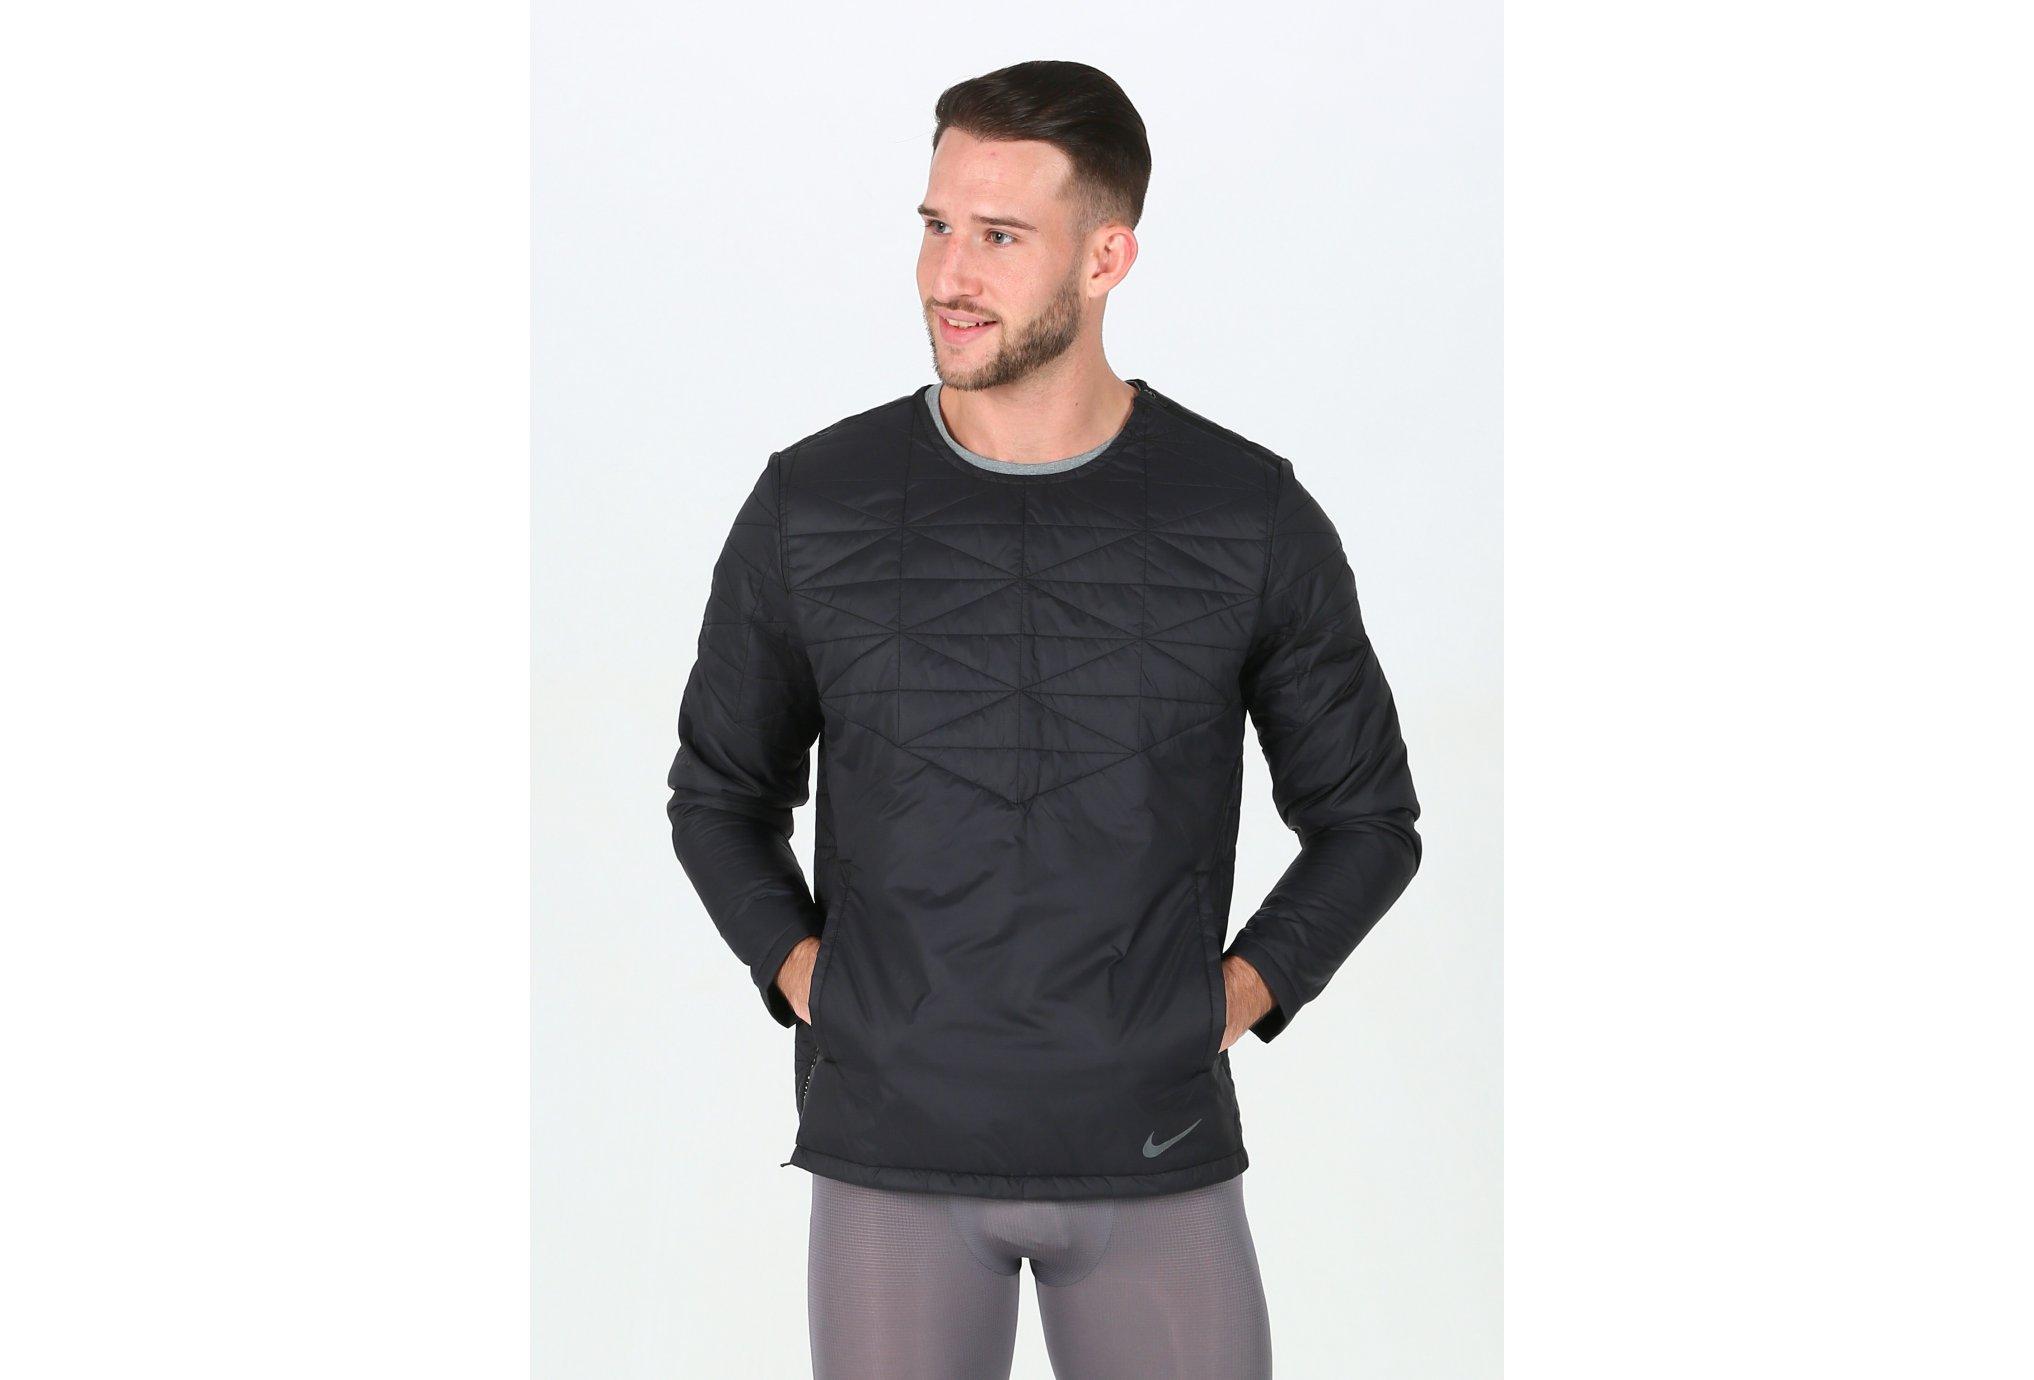 Nike Fill Crew M Diététique Vêtements homme